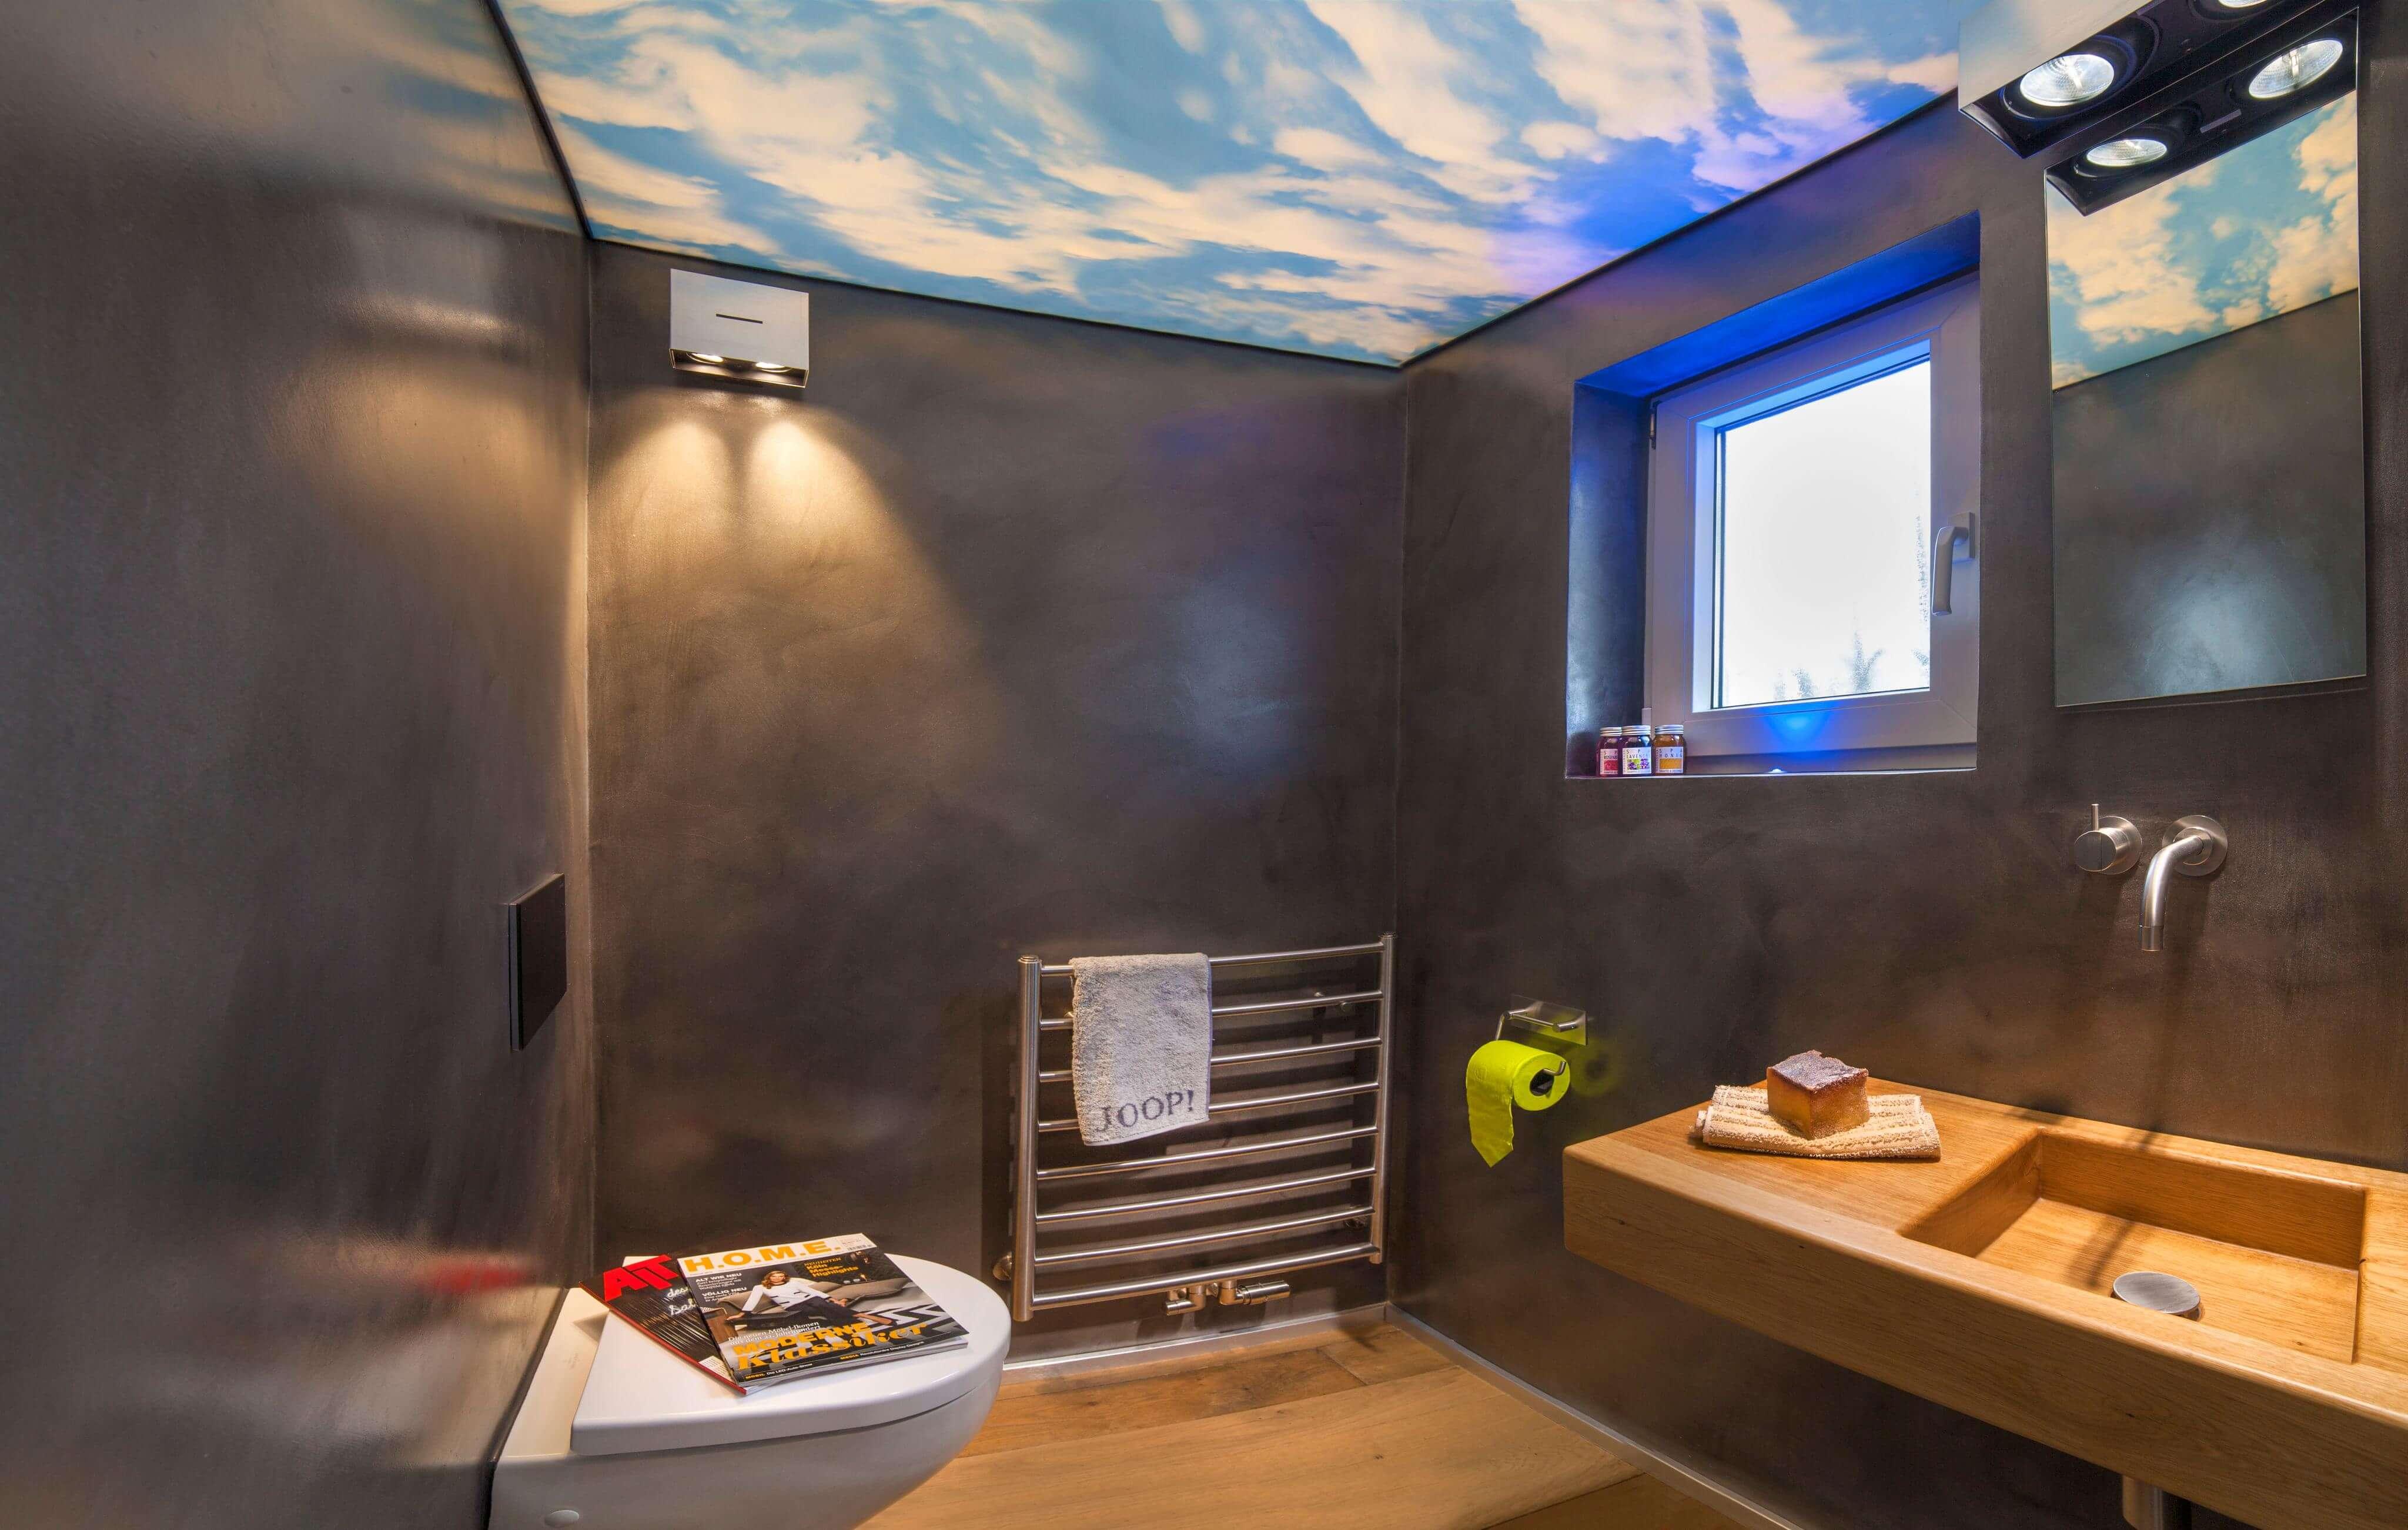 Der helle Boden und die fantasievoll gestaltete Decke verleihen dem Raum eine luftige Atmosphäre